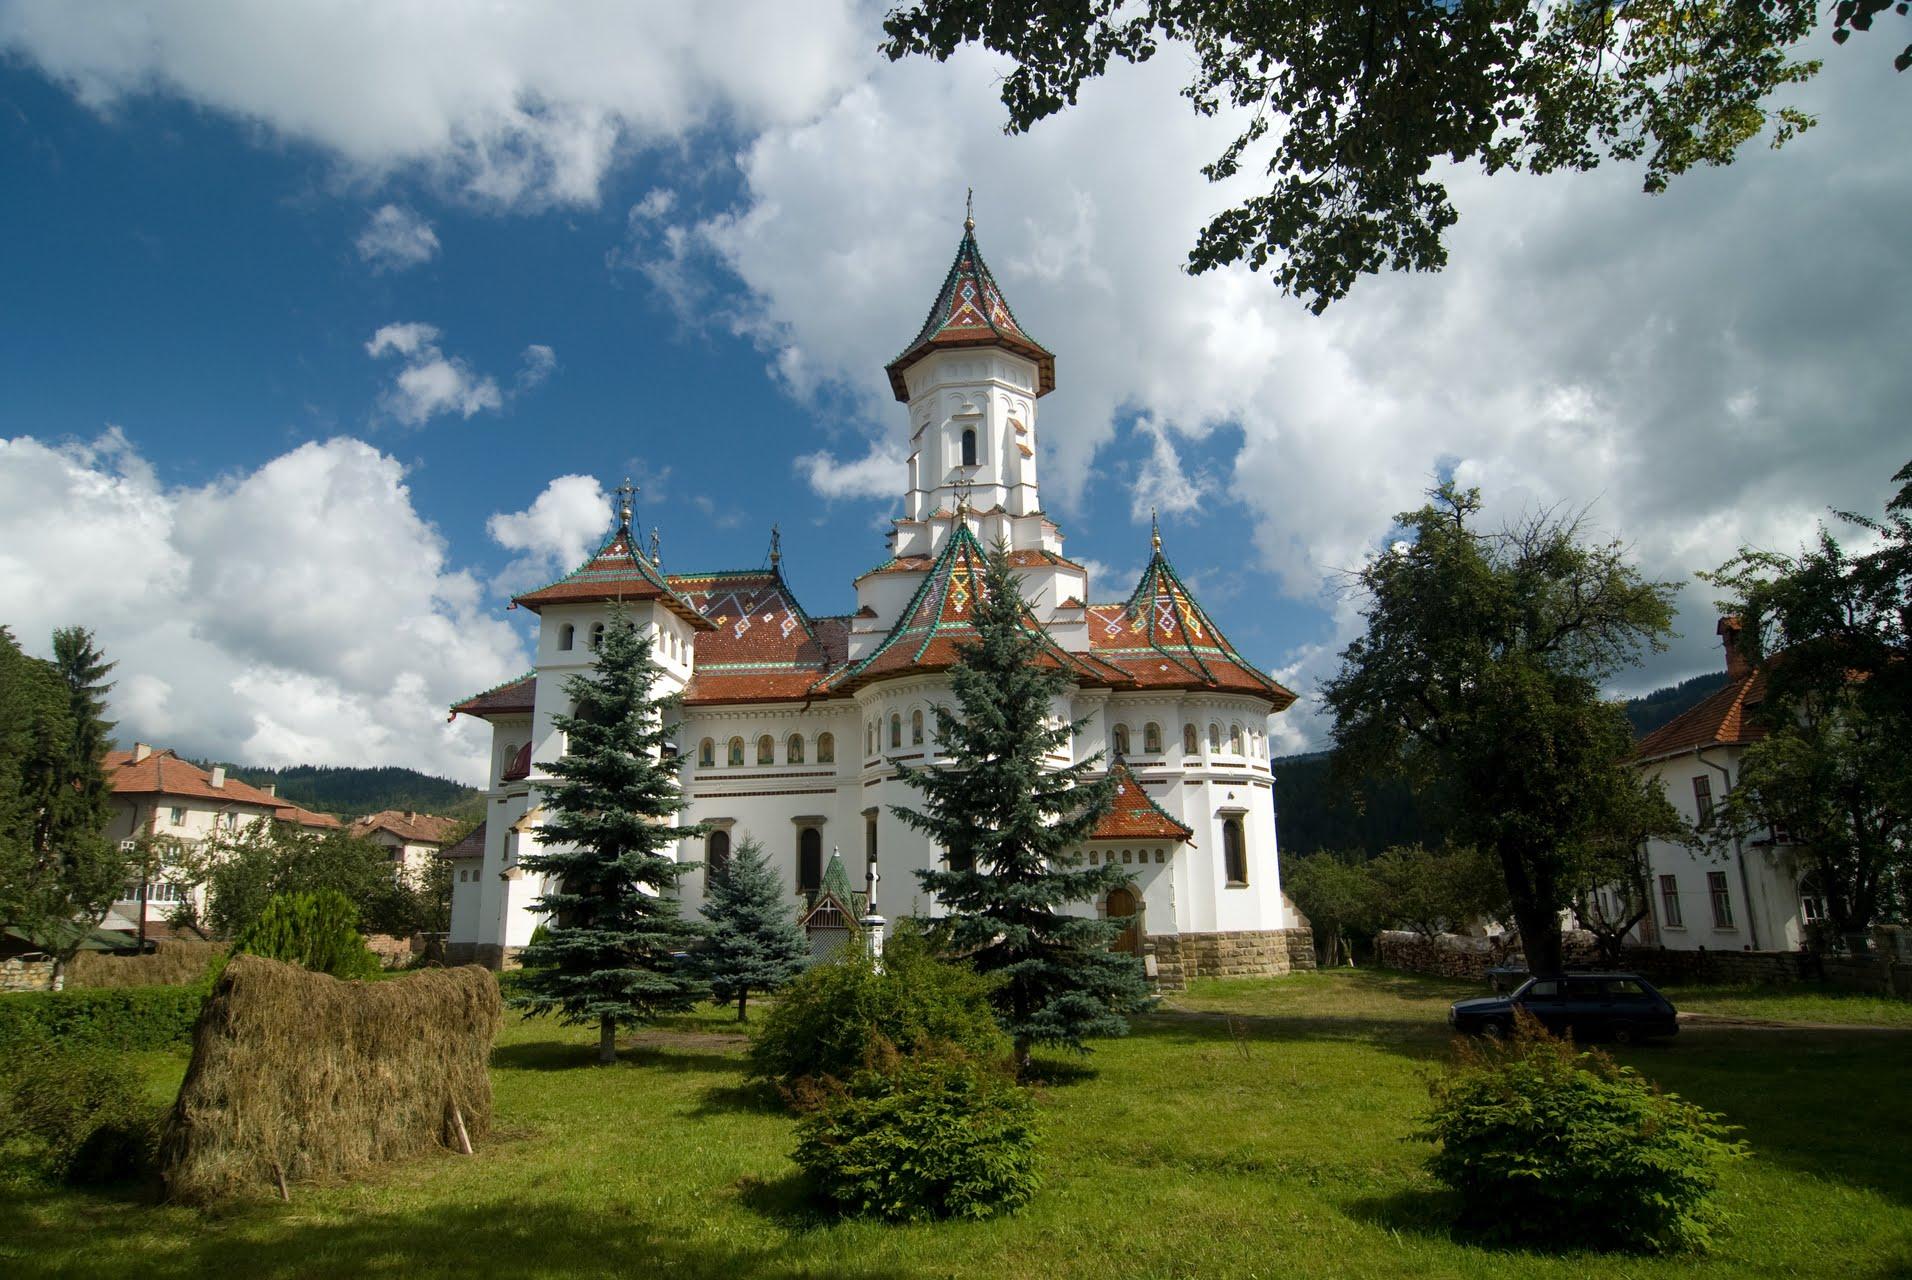 Biserica Adormirea Maicii Domnului din Câmpulung Moldovenesc